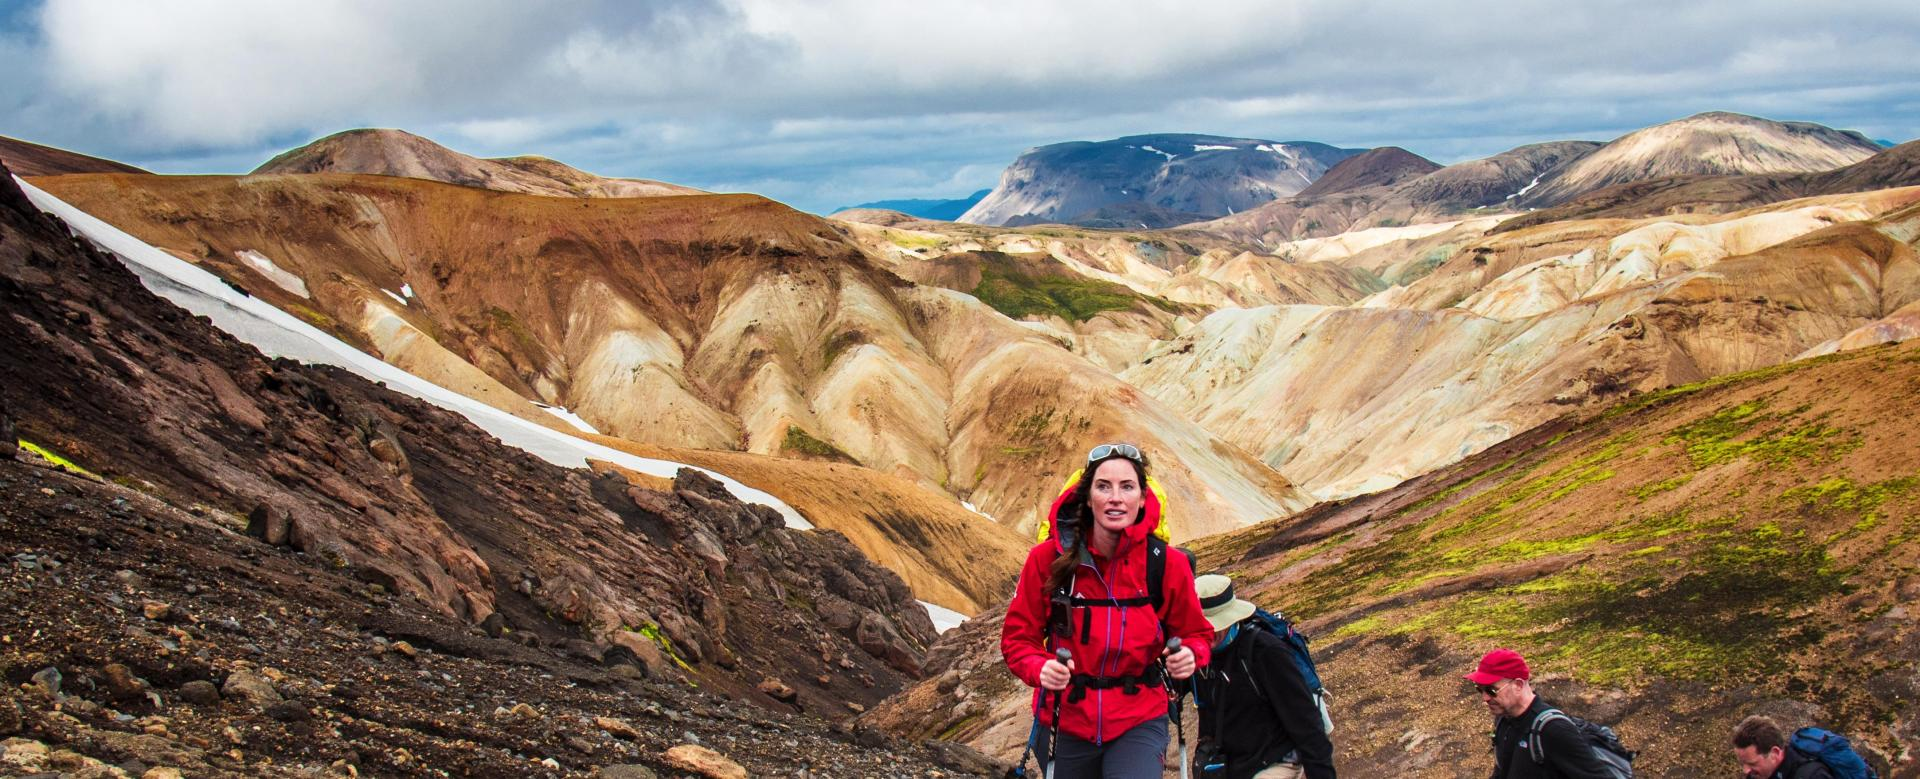 Voyage à pied : Le trek volcanique